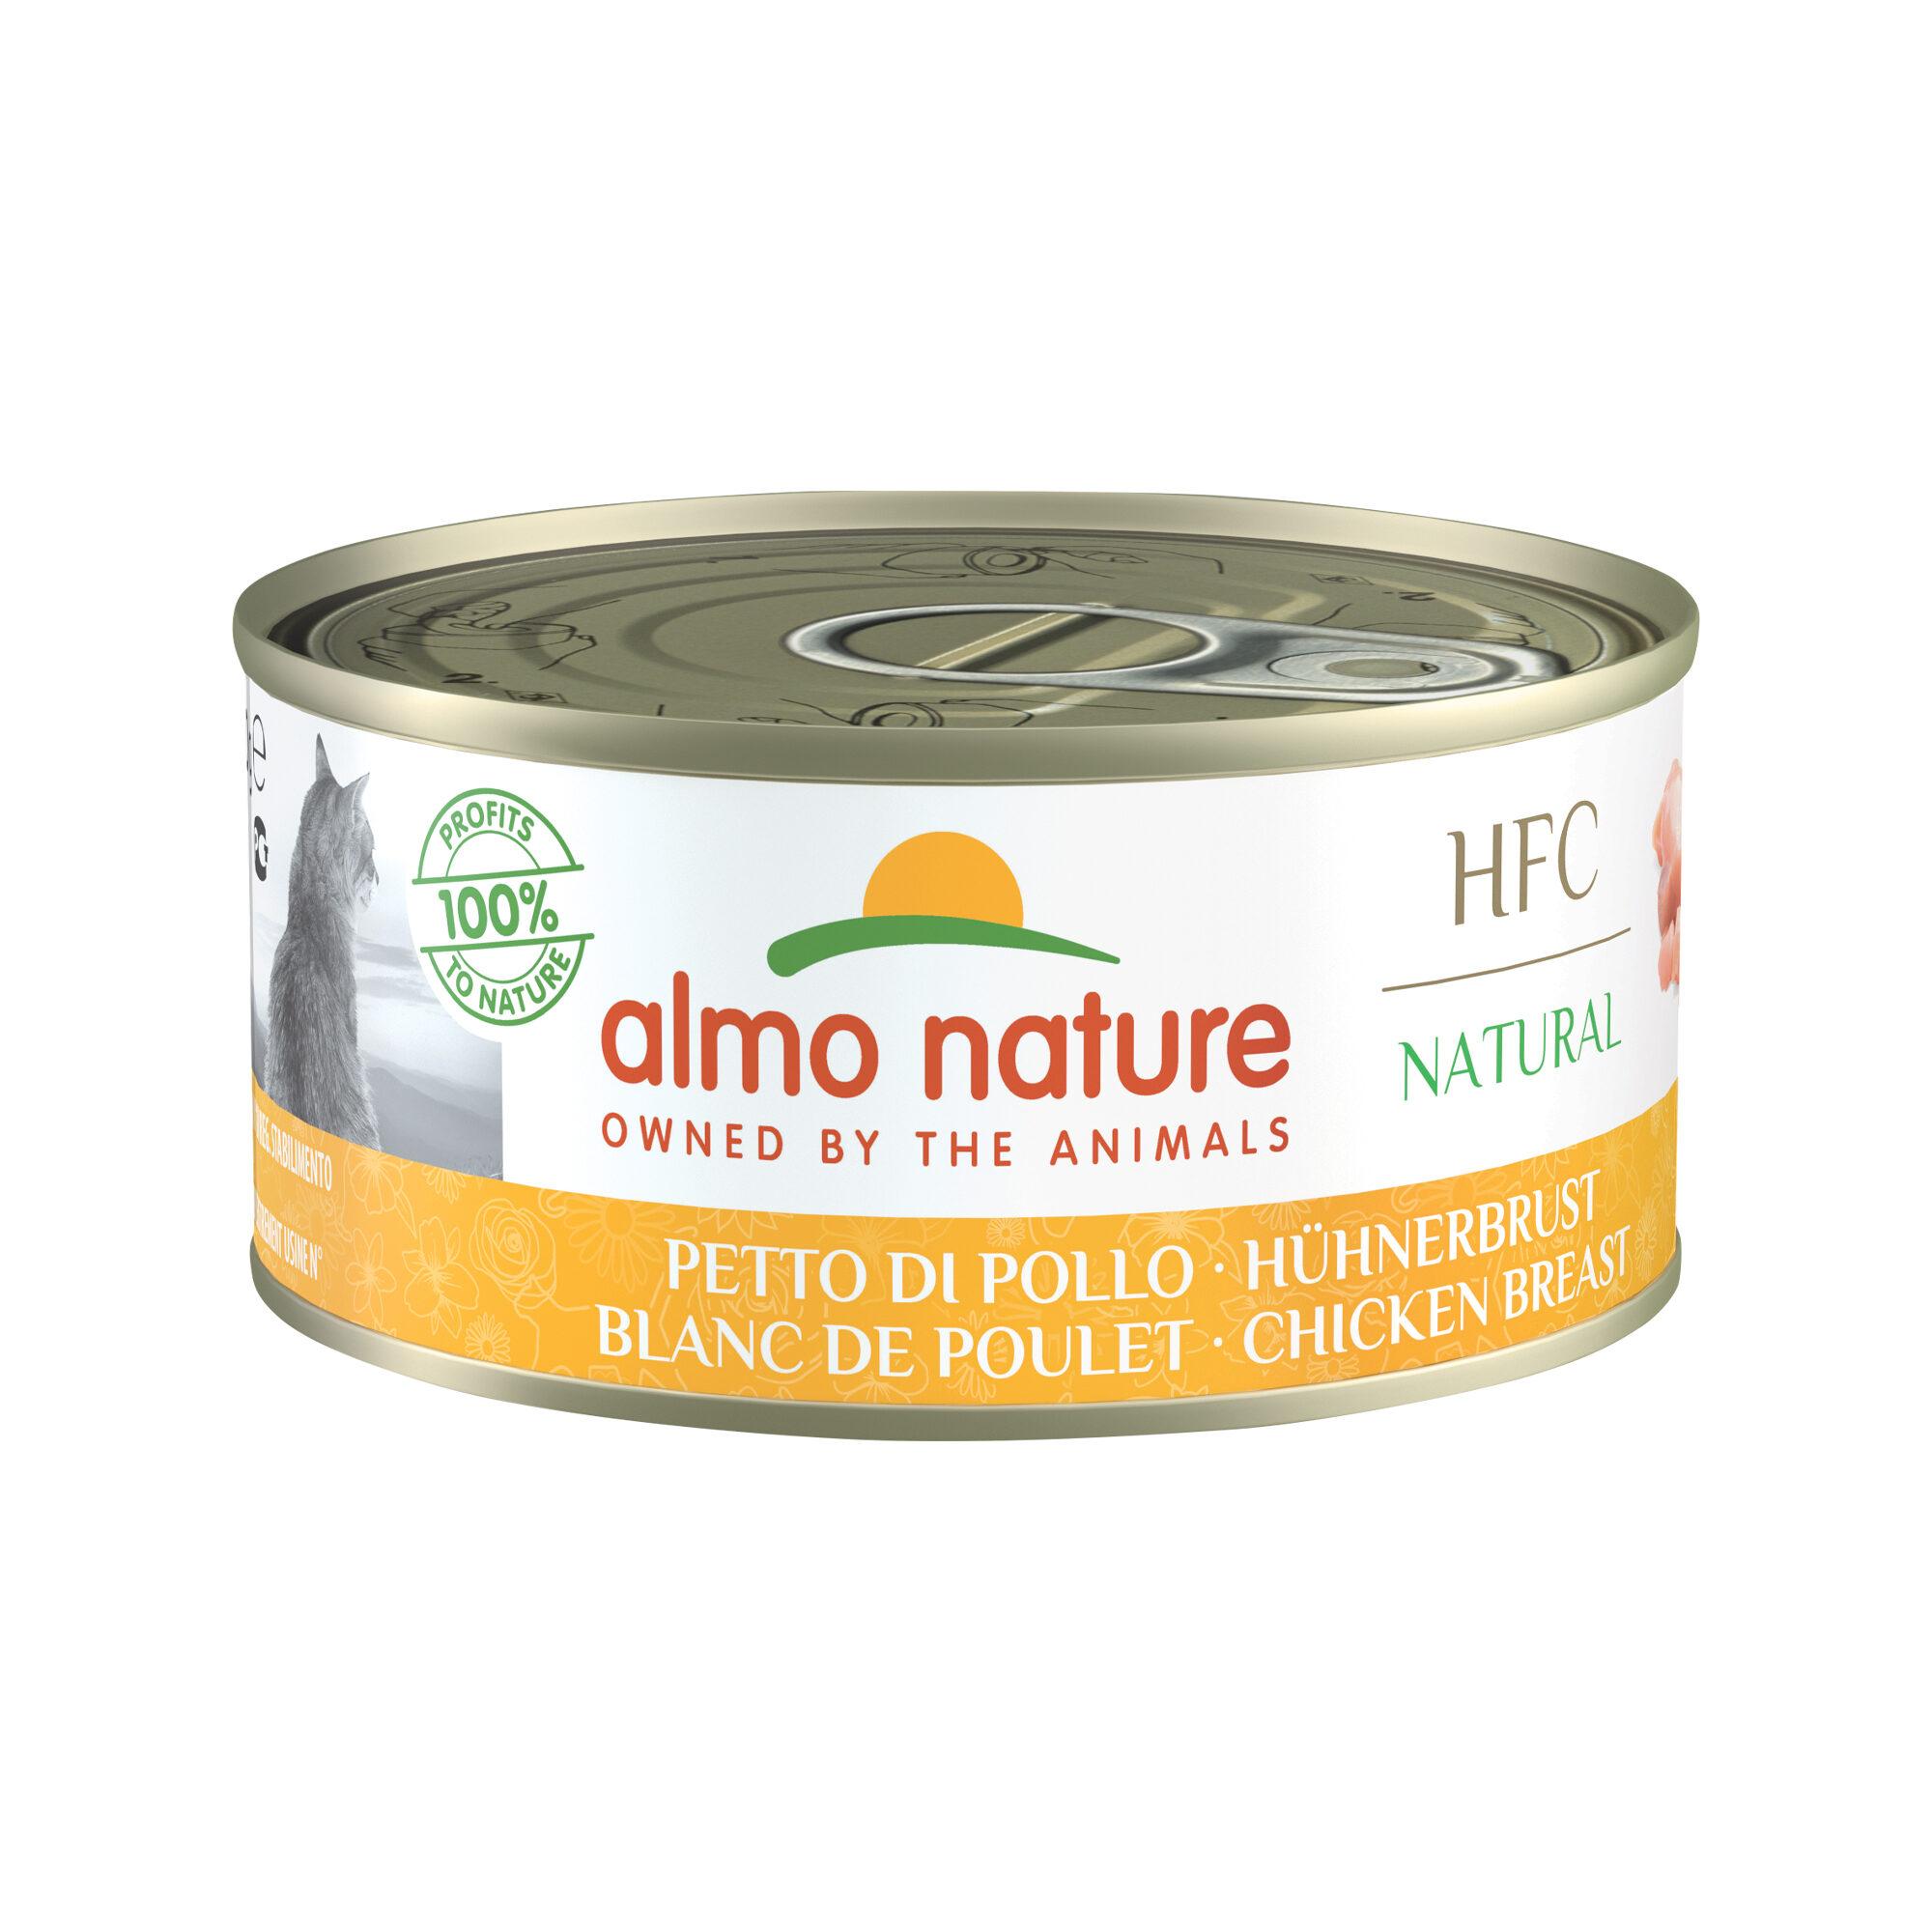 Almo Nature HFC Natural Alimentation pour chat- Blanc de poulet